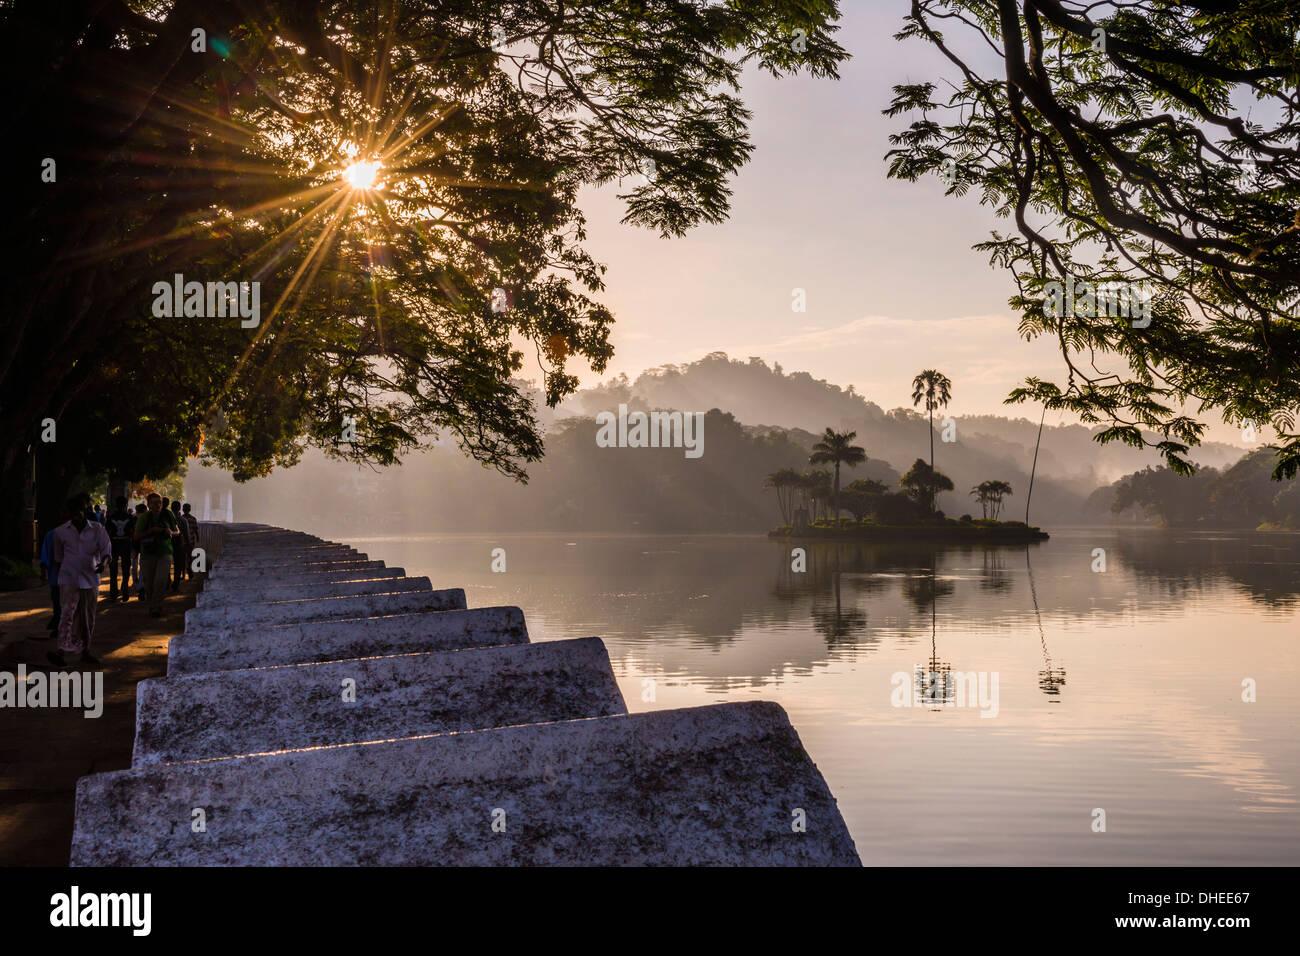 Amanecer en el Lago Kandy y la isla que alberga la Real Casa de verano, Kandy, UNESCO, Provincia Central, Sri Lanka Foto de stock